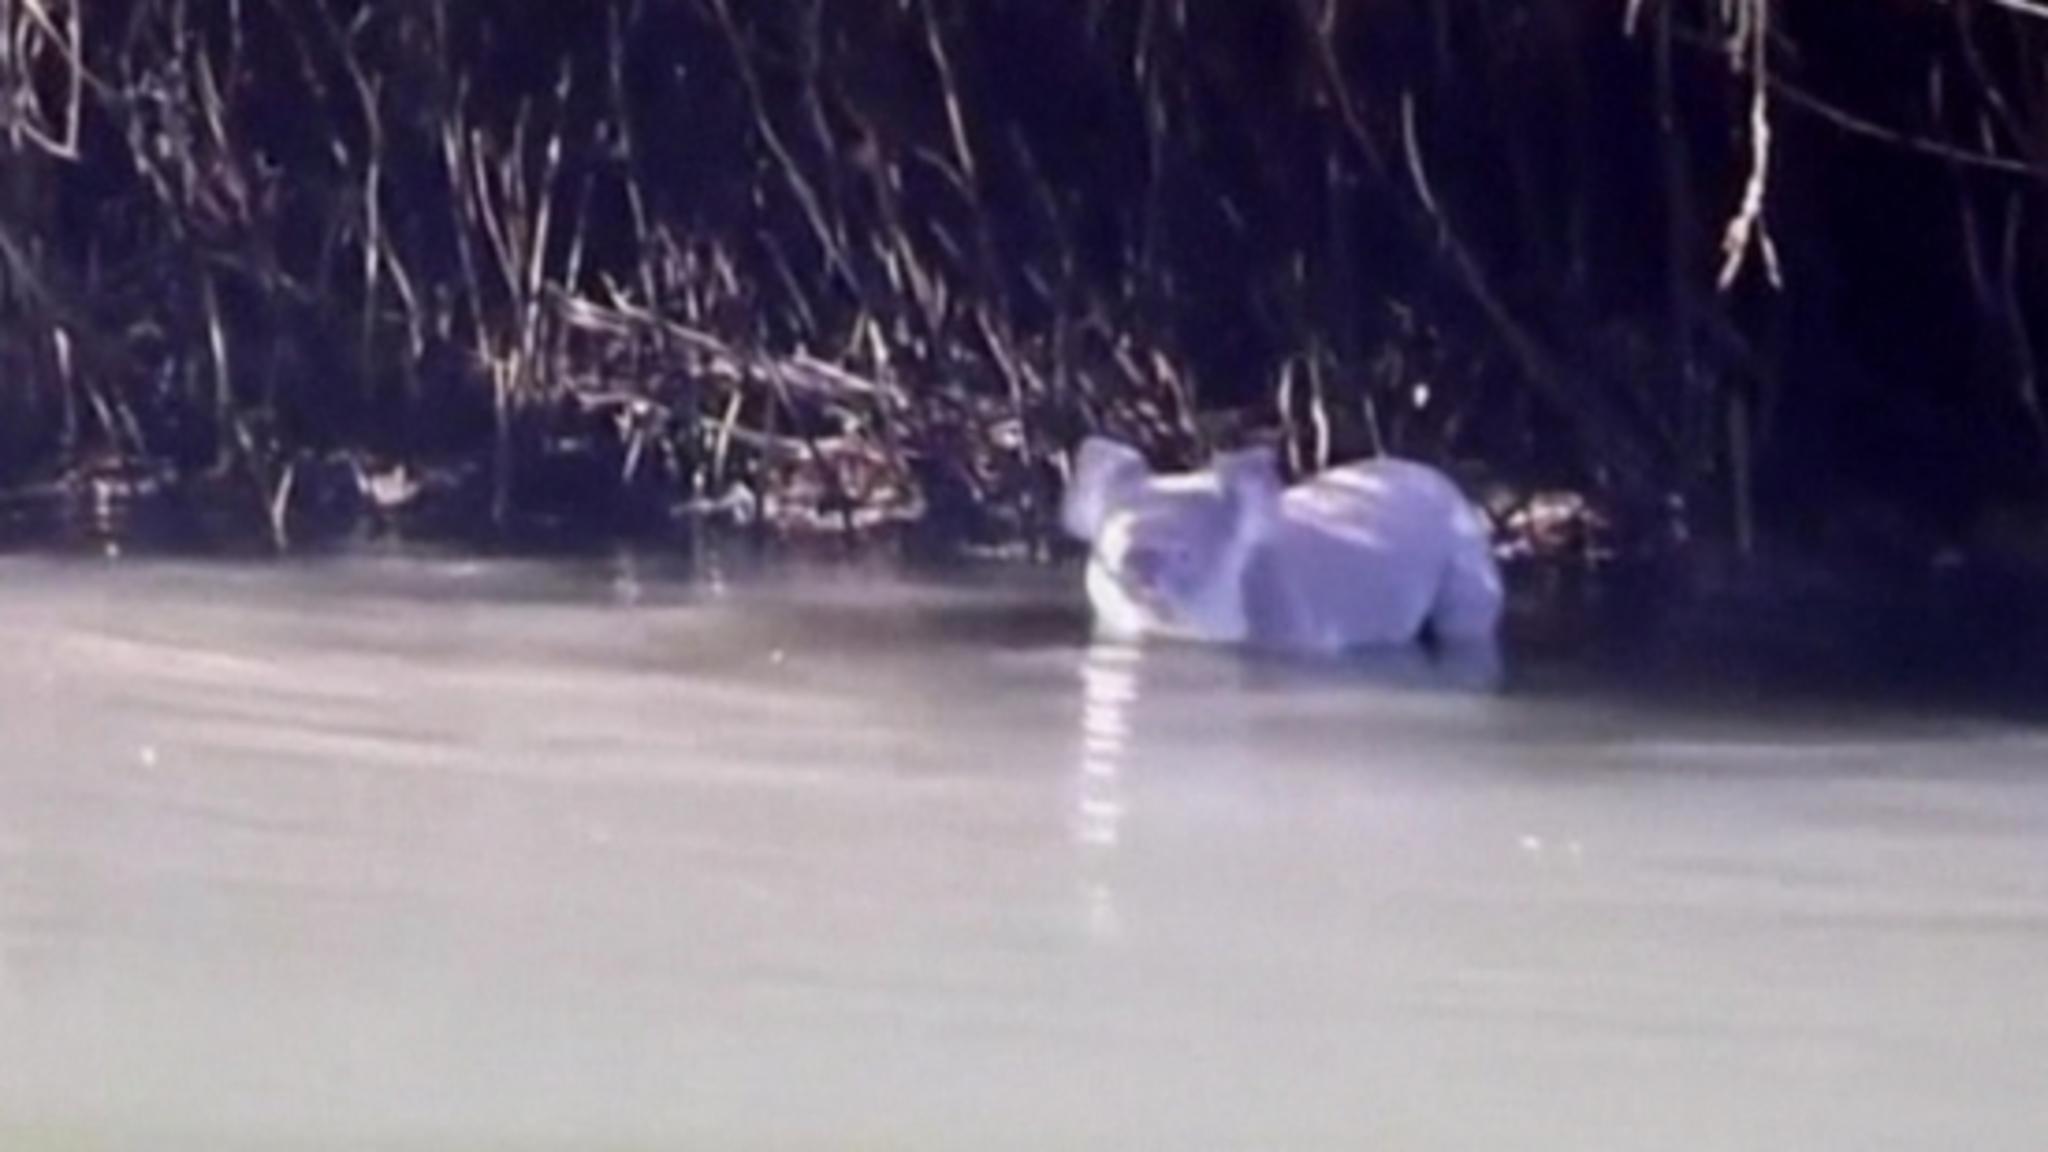 Koalabeer zwemt naar kanoërs | NOS